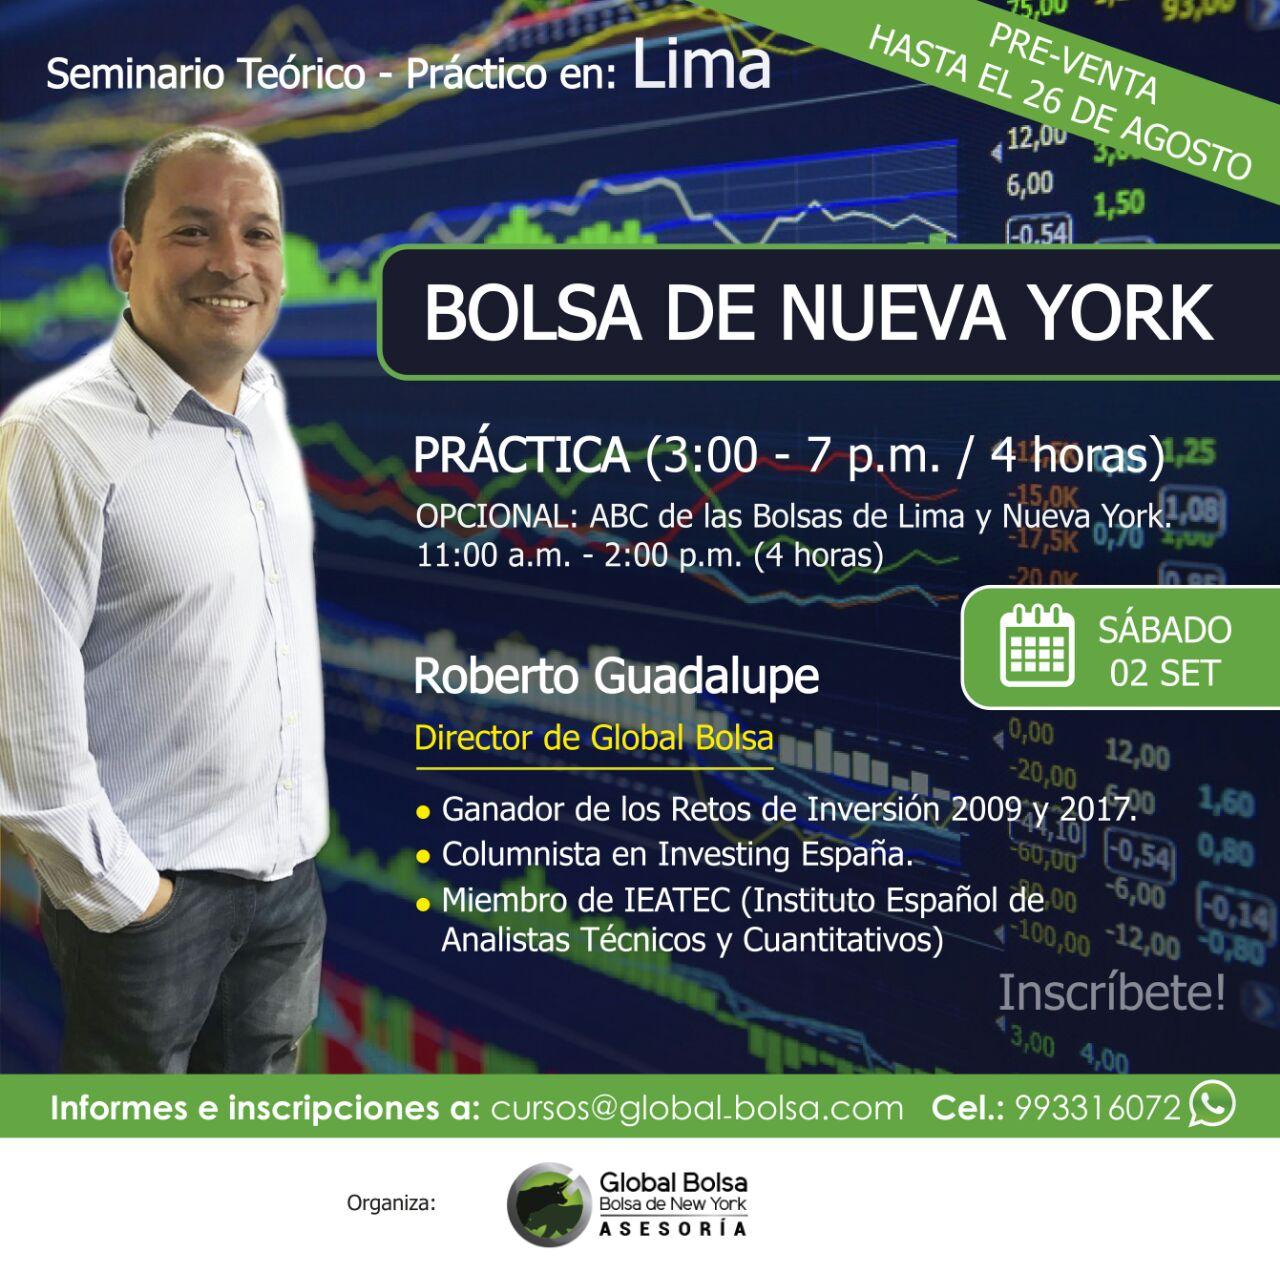 Bolsa de Nueva York- Práctica (4 horas) | Opcional ABC de las Bolsa de Lima y Nueva York (3 horas). Expositor Roberto Guadalupe